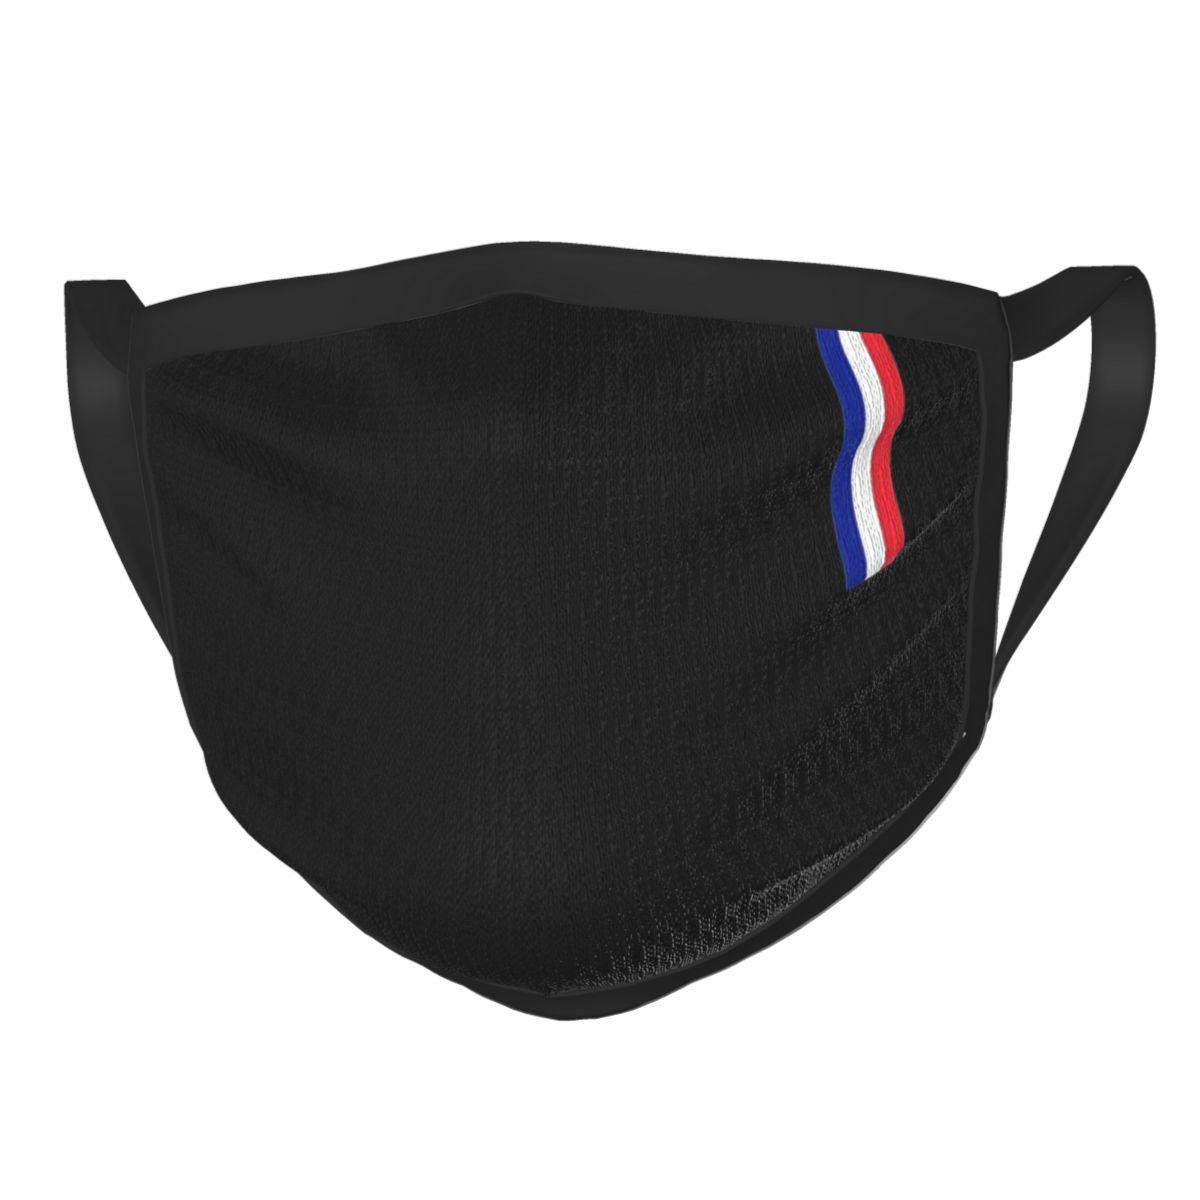 Маска для лица многоразовая с флагом Франции, респиратор для защиты от смога, с французским флагом